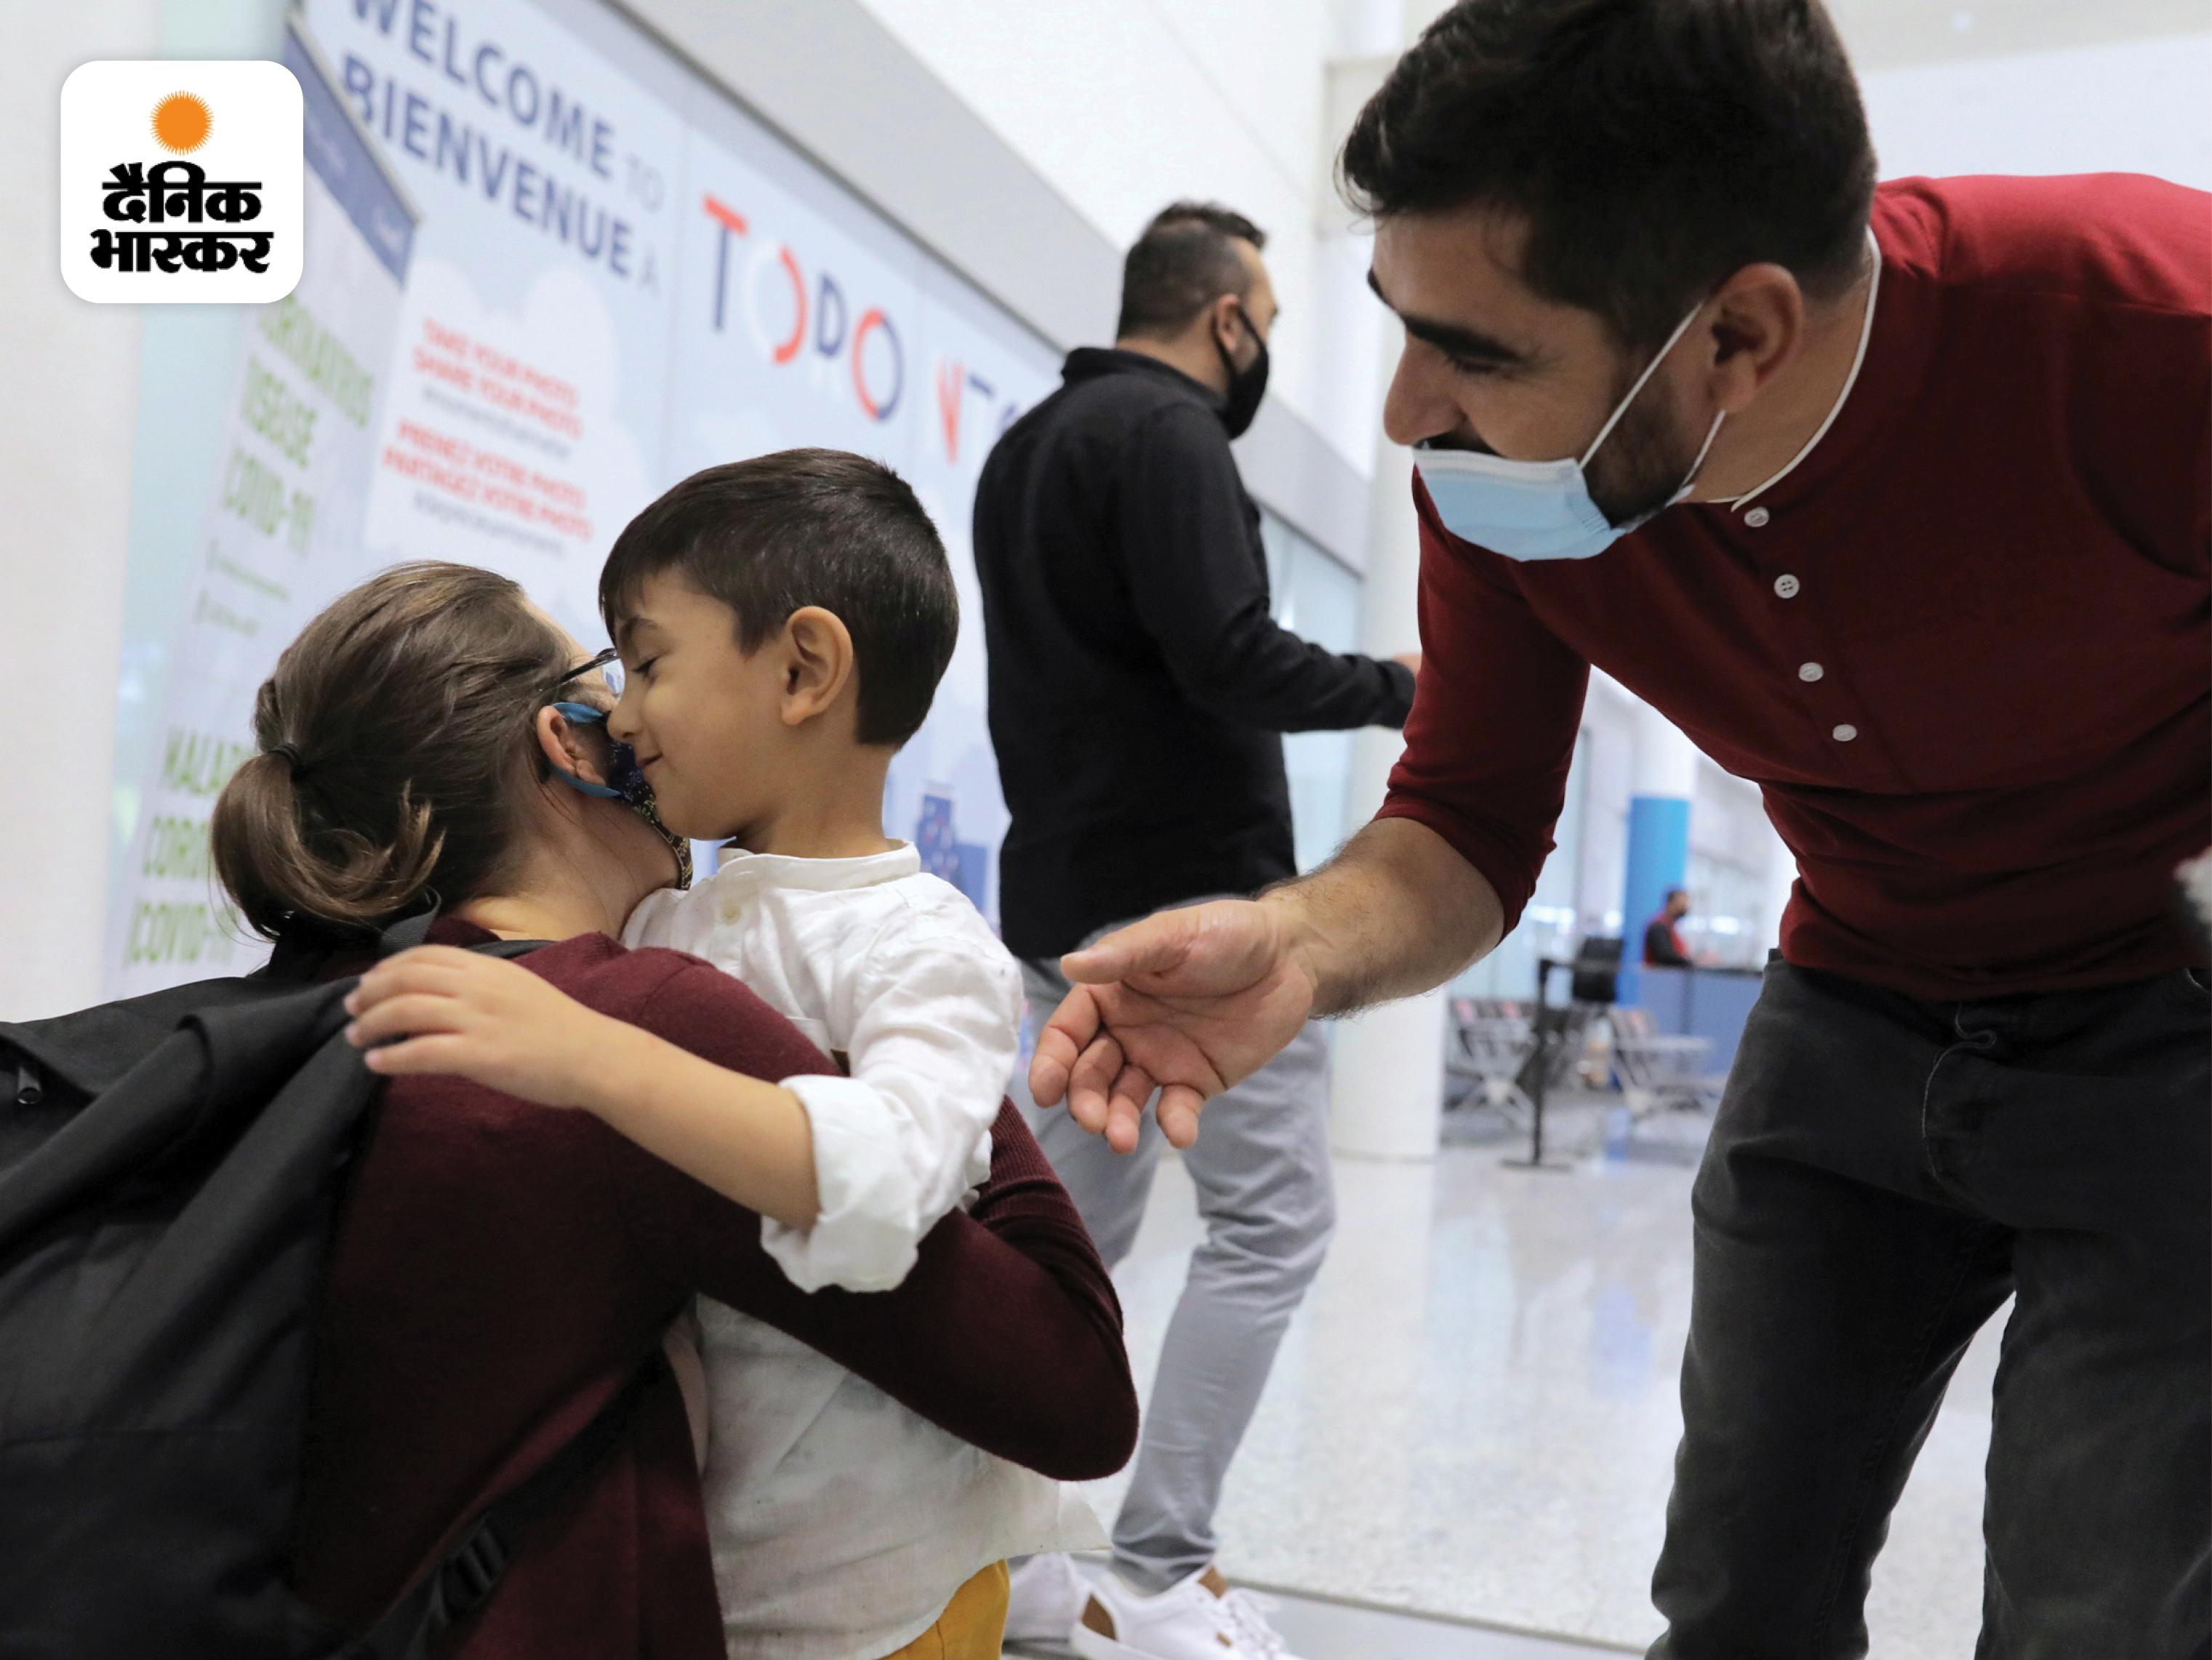 अली के साथ दोहा से आई UN की अधिकारी स्टेला उसे गले लगाते हुए। स्टेला ने बताया कि अली बहुत अच्छा बच्चा है। 14 घंटे की फ्लाइट के दौरान वह ड्राइंग करता रहा और अपनी पसंद की फिल्में देखता रहा।